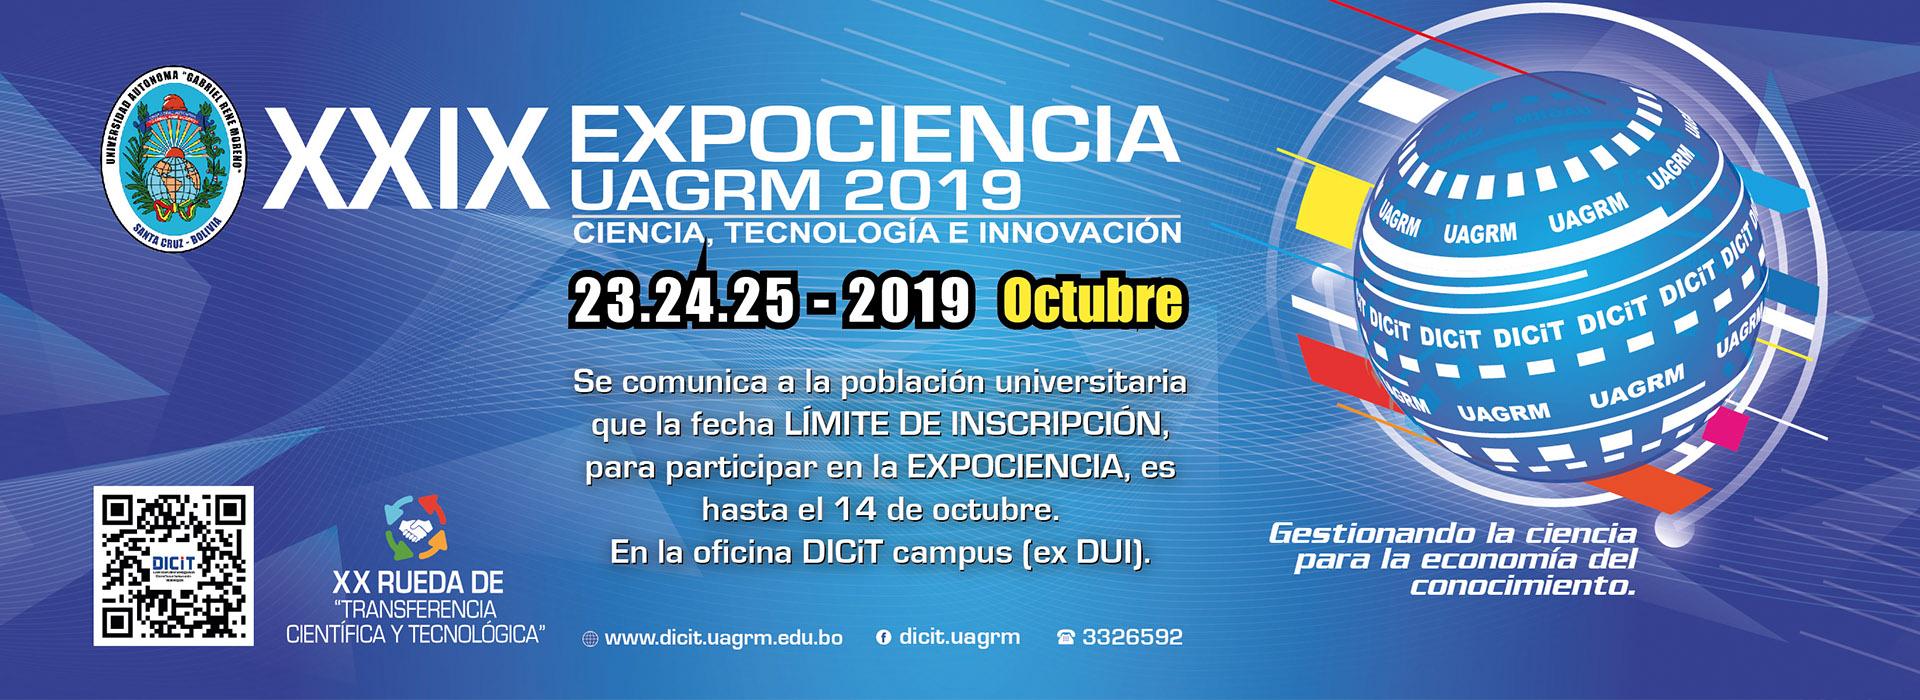 Limite de inscripción hasta el 14 de octubre DICiT - UAGRM